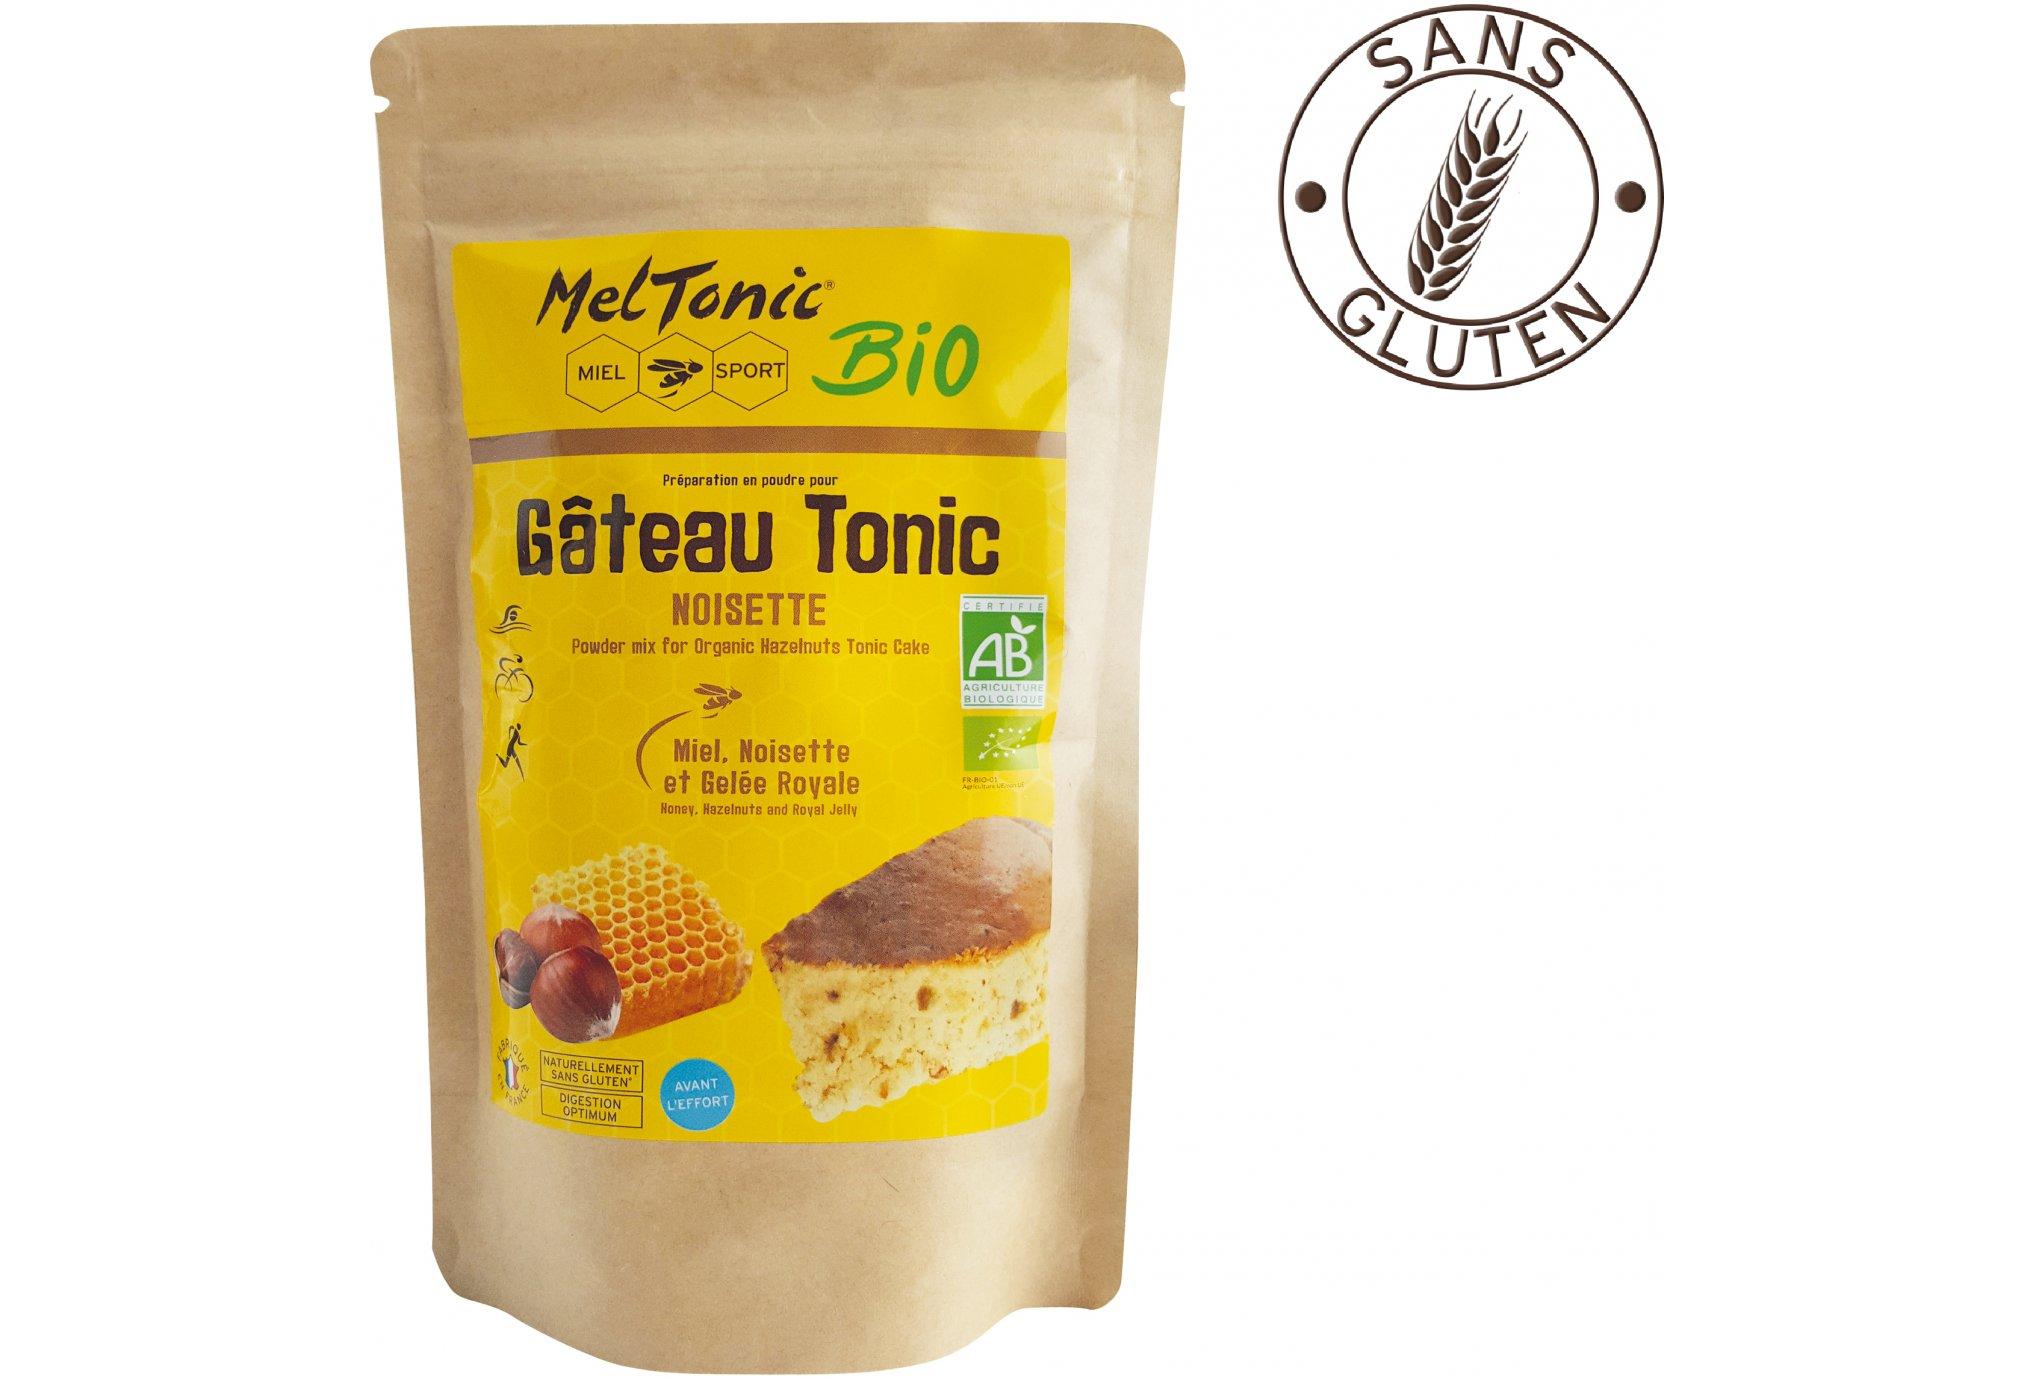 MelTonic Pastel Tonic Bio - avellana y miel Diététique Préparation